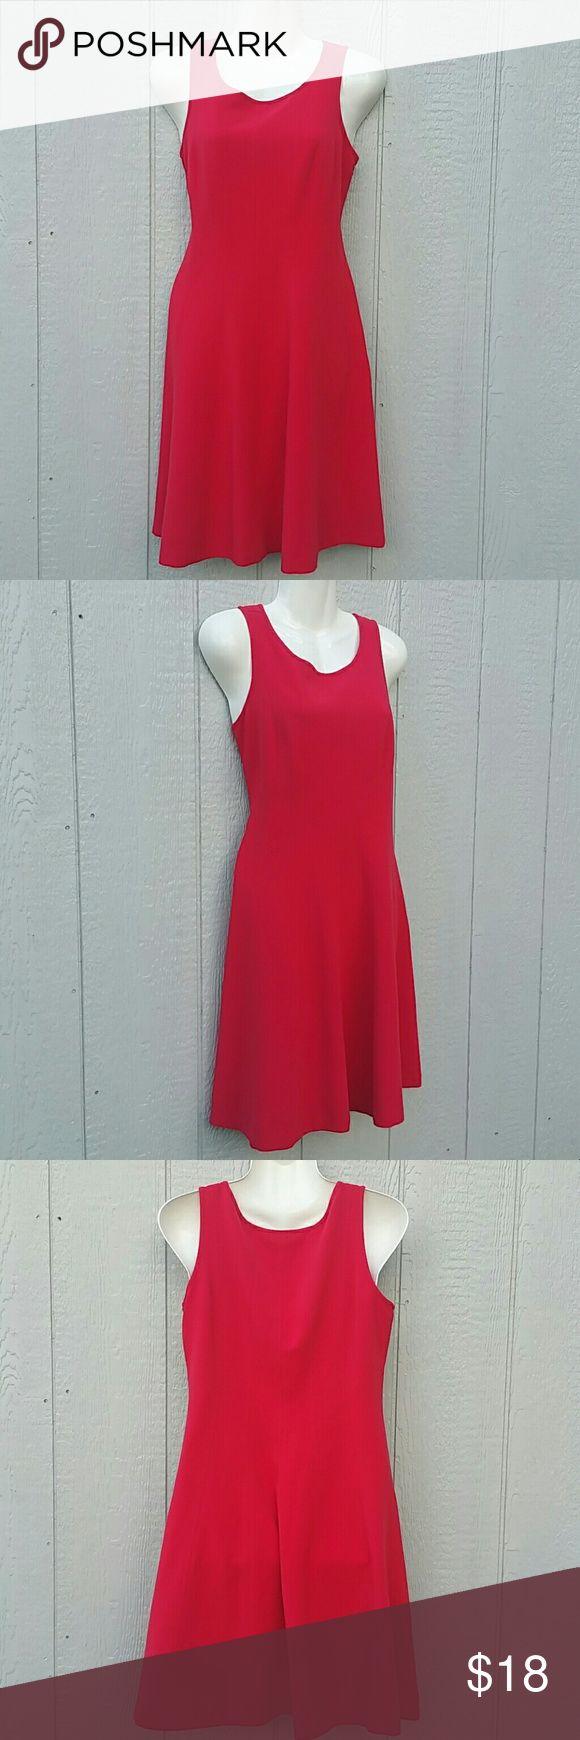 Anne Taylor Loft Red Tank  Midi Dress -Petite  -Made in China LOFT Dresses Midi